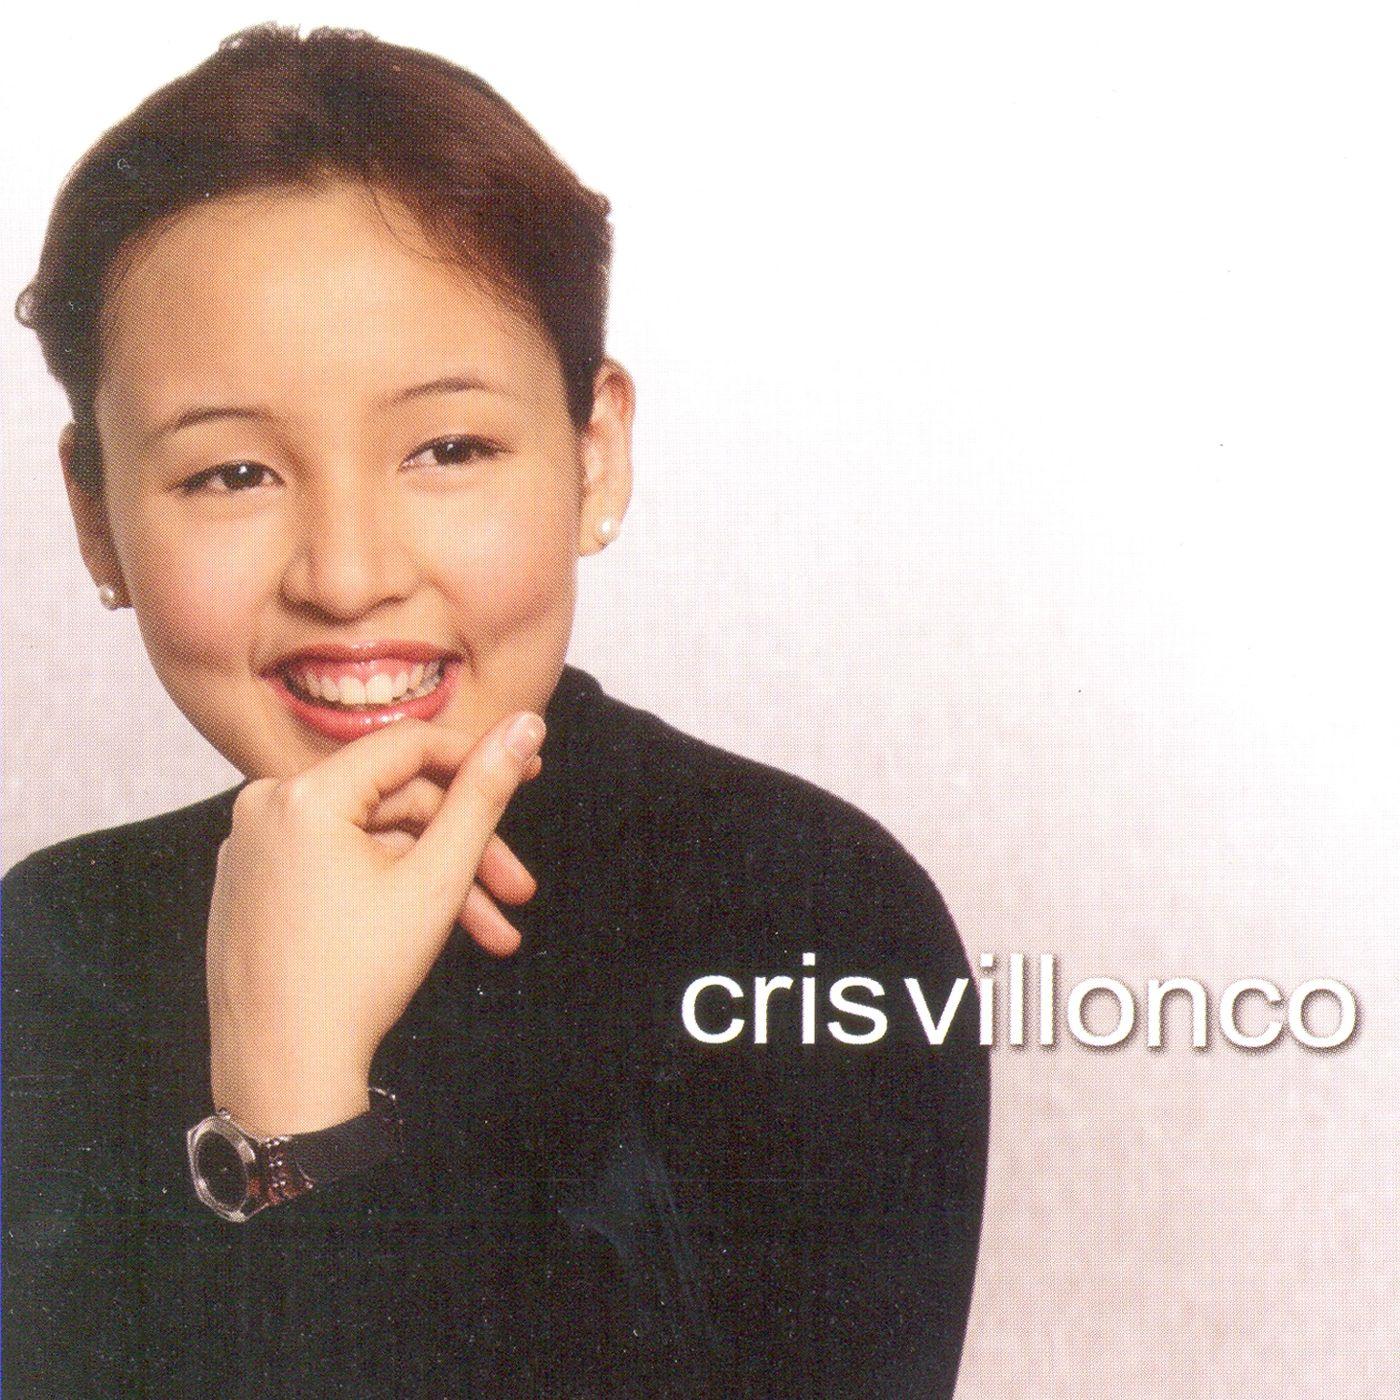 cfb0072b9 Cris Villonco - Cris Villonco - 2010 ALBUM - Solid OPM